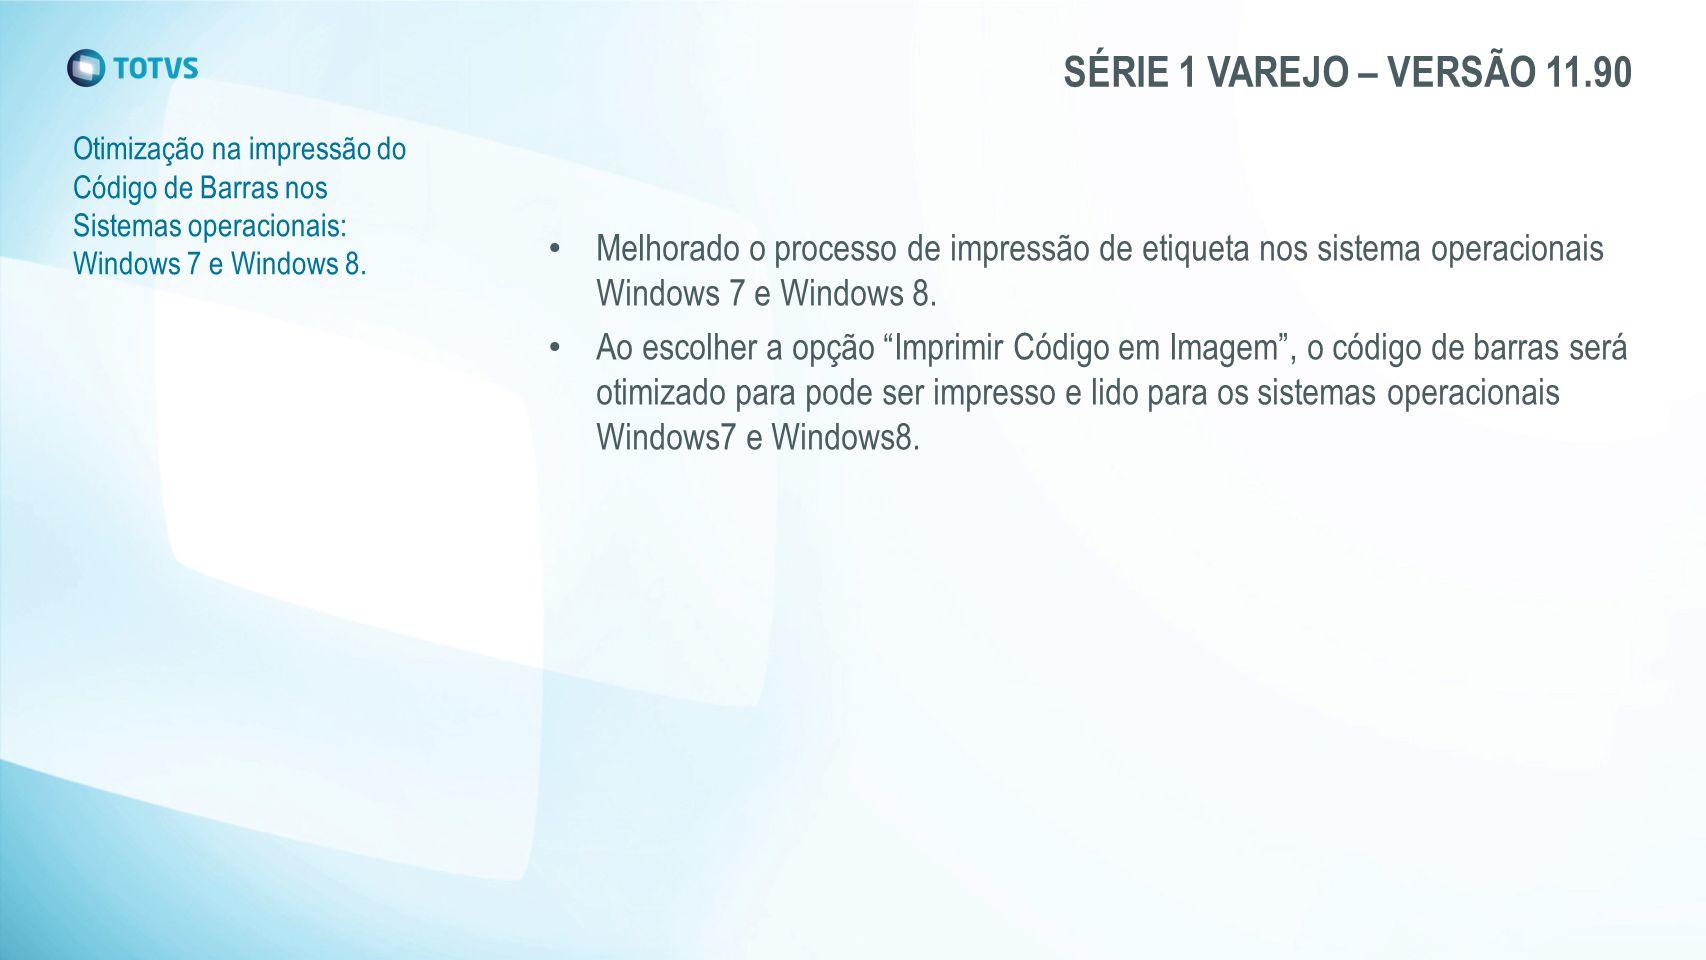 SÉRIE 1 VAREJO – VERSÃO 11.90 Otimização na impressão do Código de Barras nos Sistemas operacionais: Windows 7 e Windows 8. Melhorado o processo de im